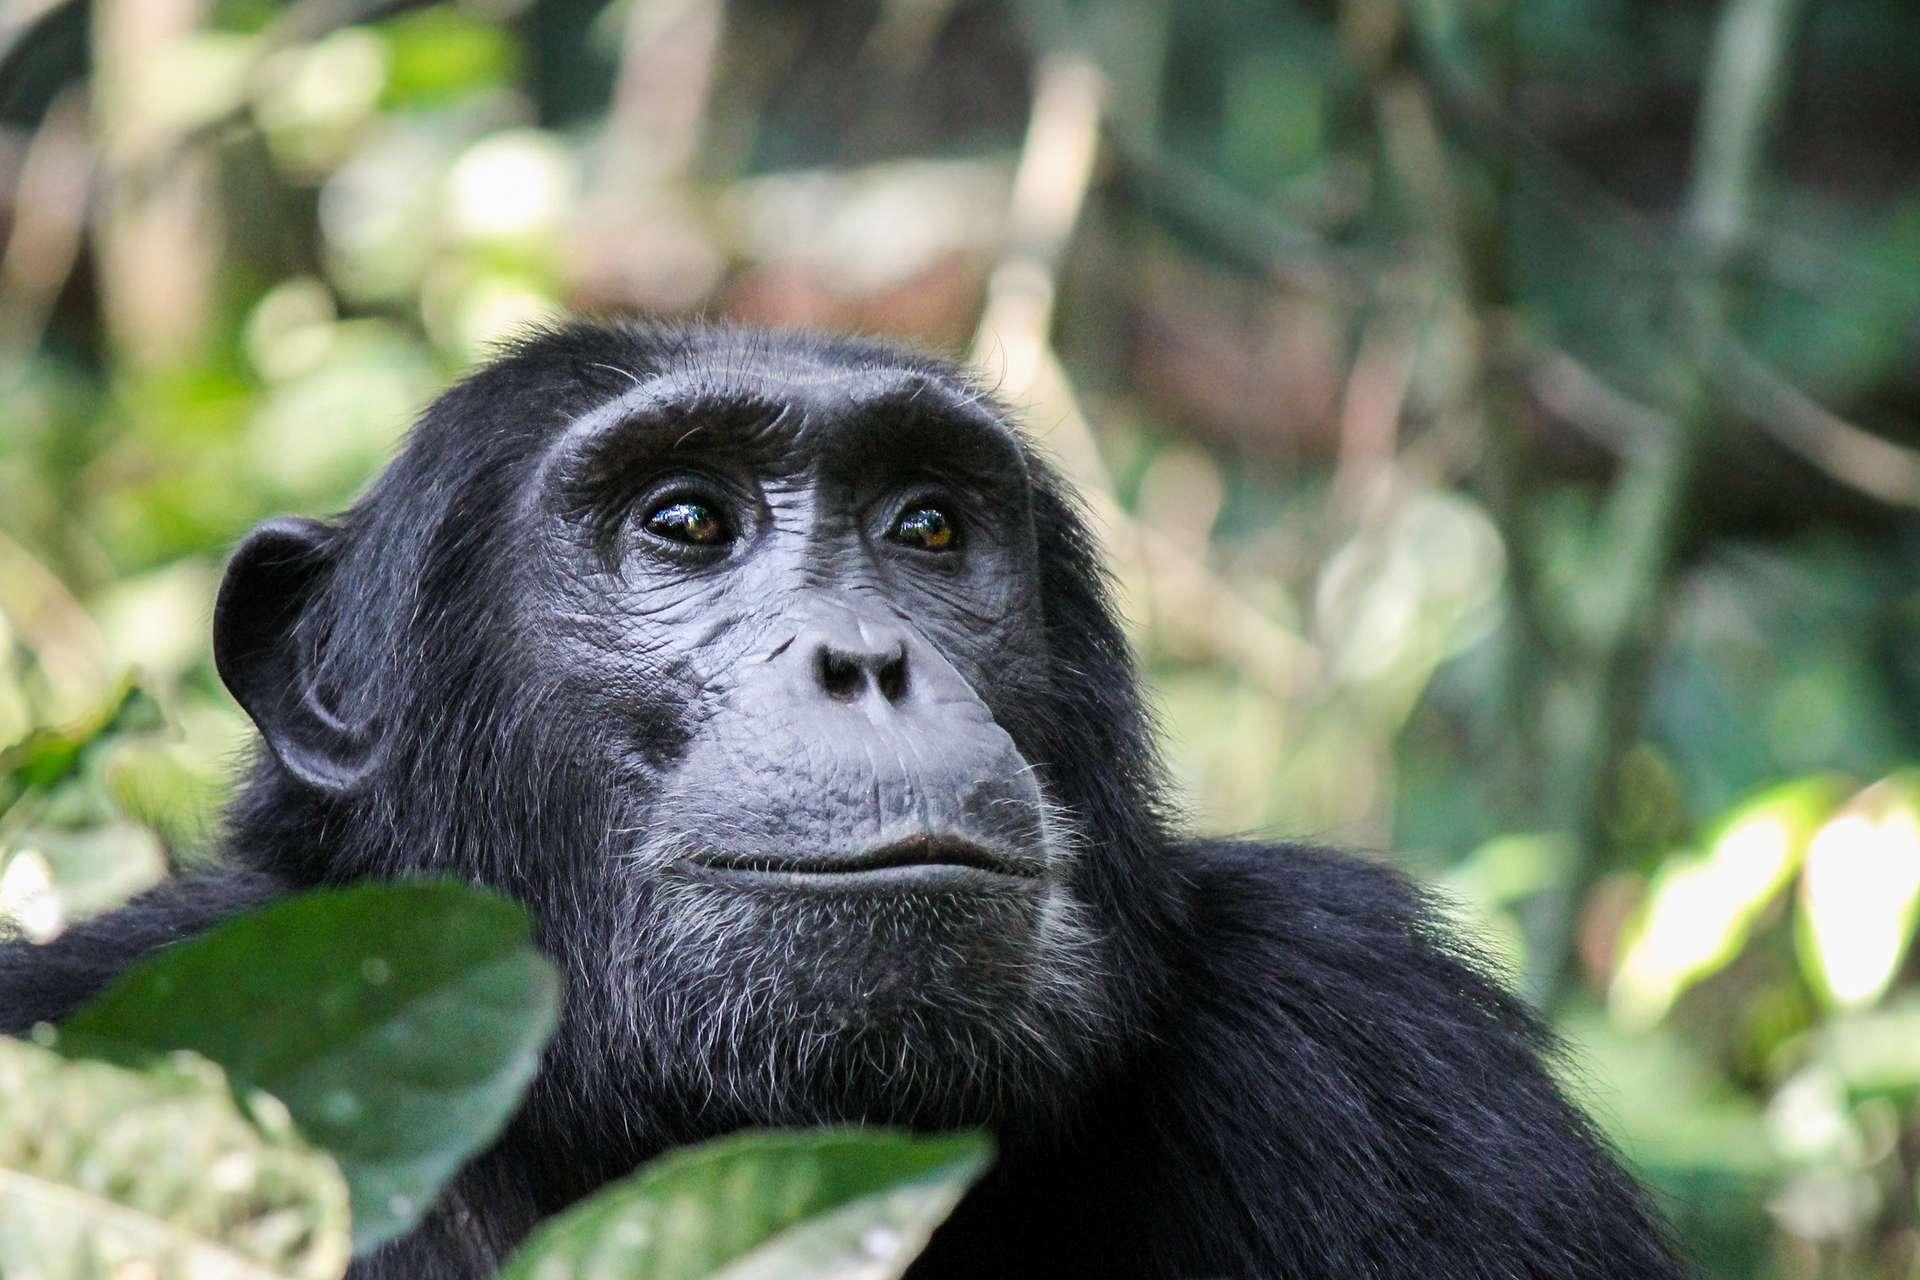 Il existe deux espèces de chimpanzés : le chimpanzé commun (Pan troglodytes), et le chimpanzé nain autrement appelé bonobo (Pan paniscus). © Nieuwenkampr, Adobe Stock